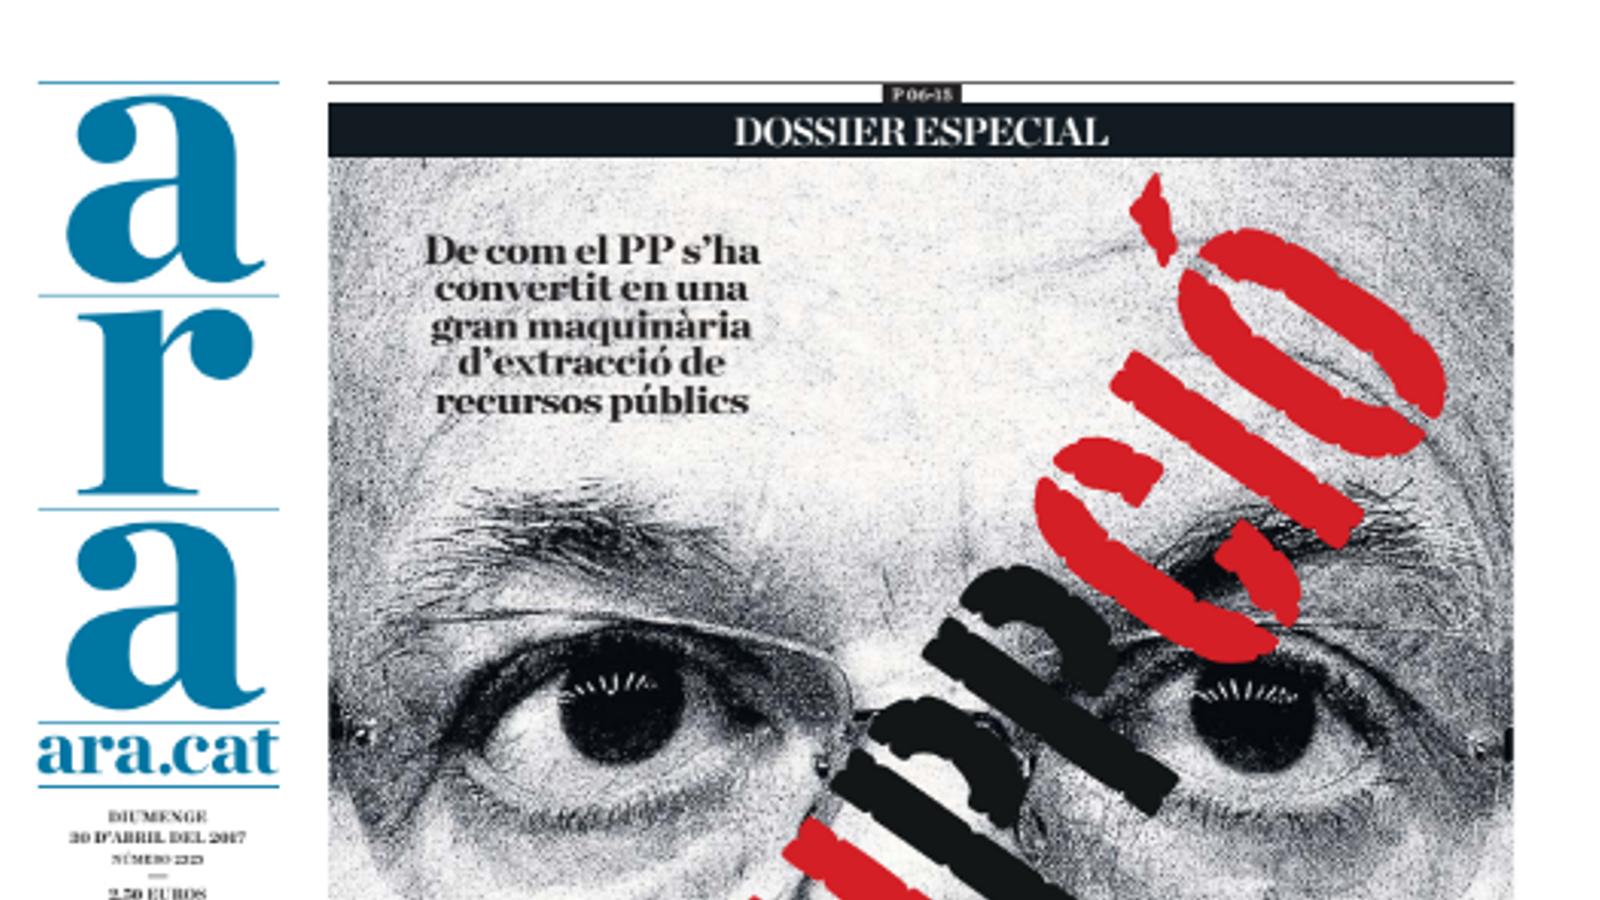 """""""Corruppció"""", dossier especial de l'ARA d'aquest diumenge"""